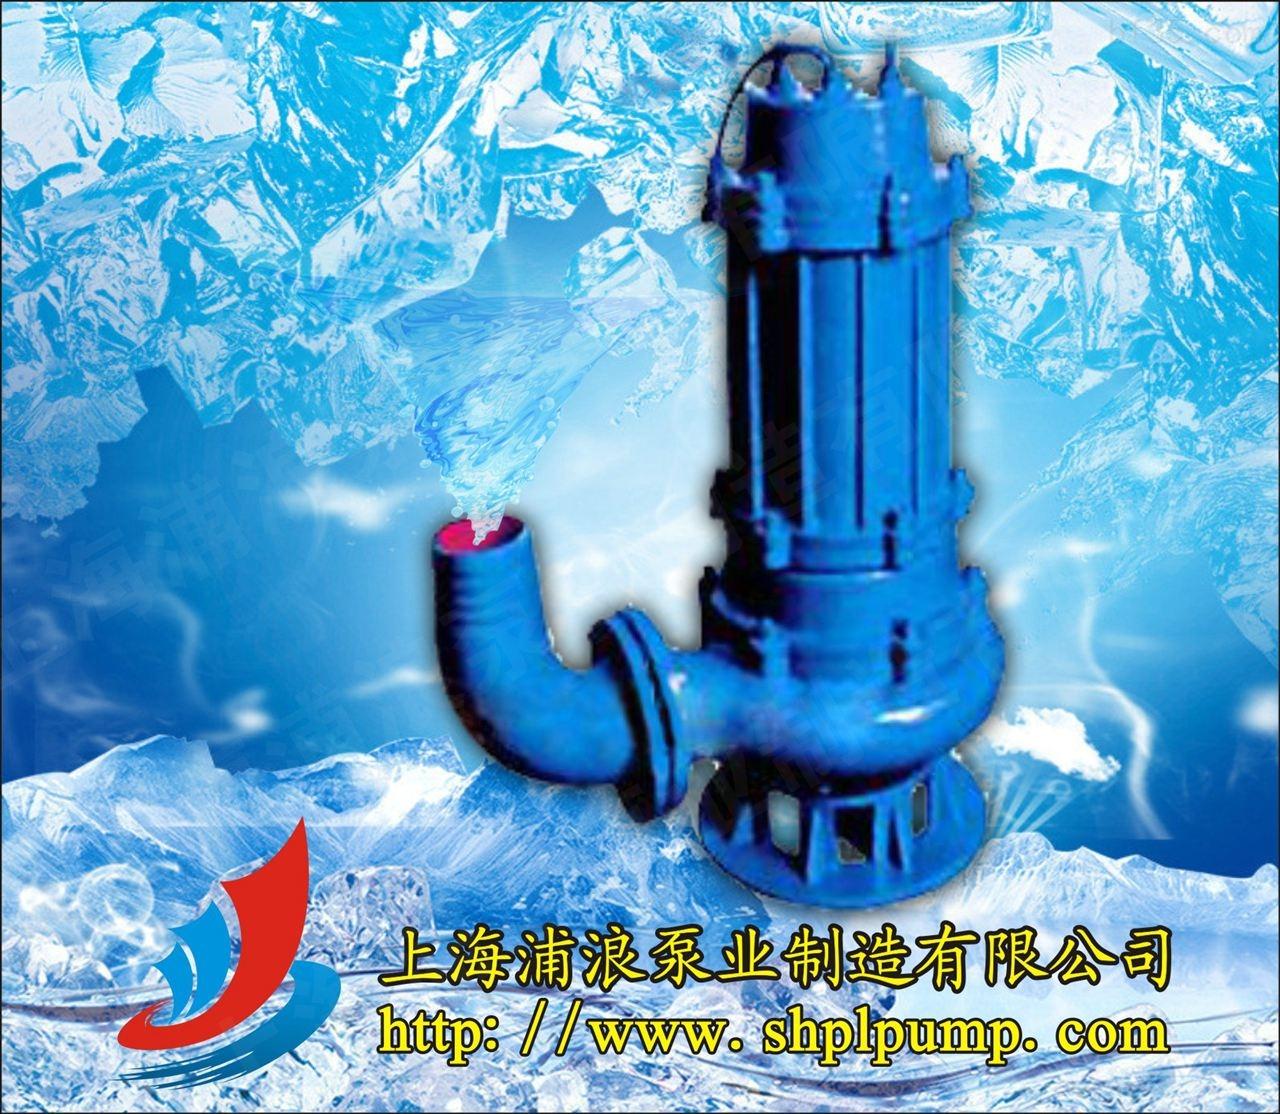 排污泵,QW潜水排污泵,排污泵厂家,排污泵型号